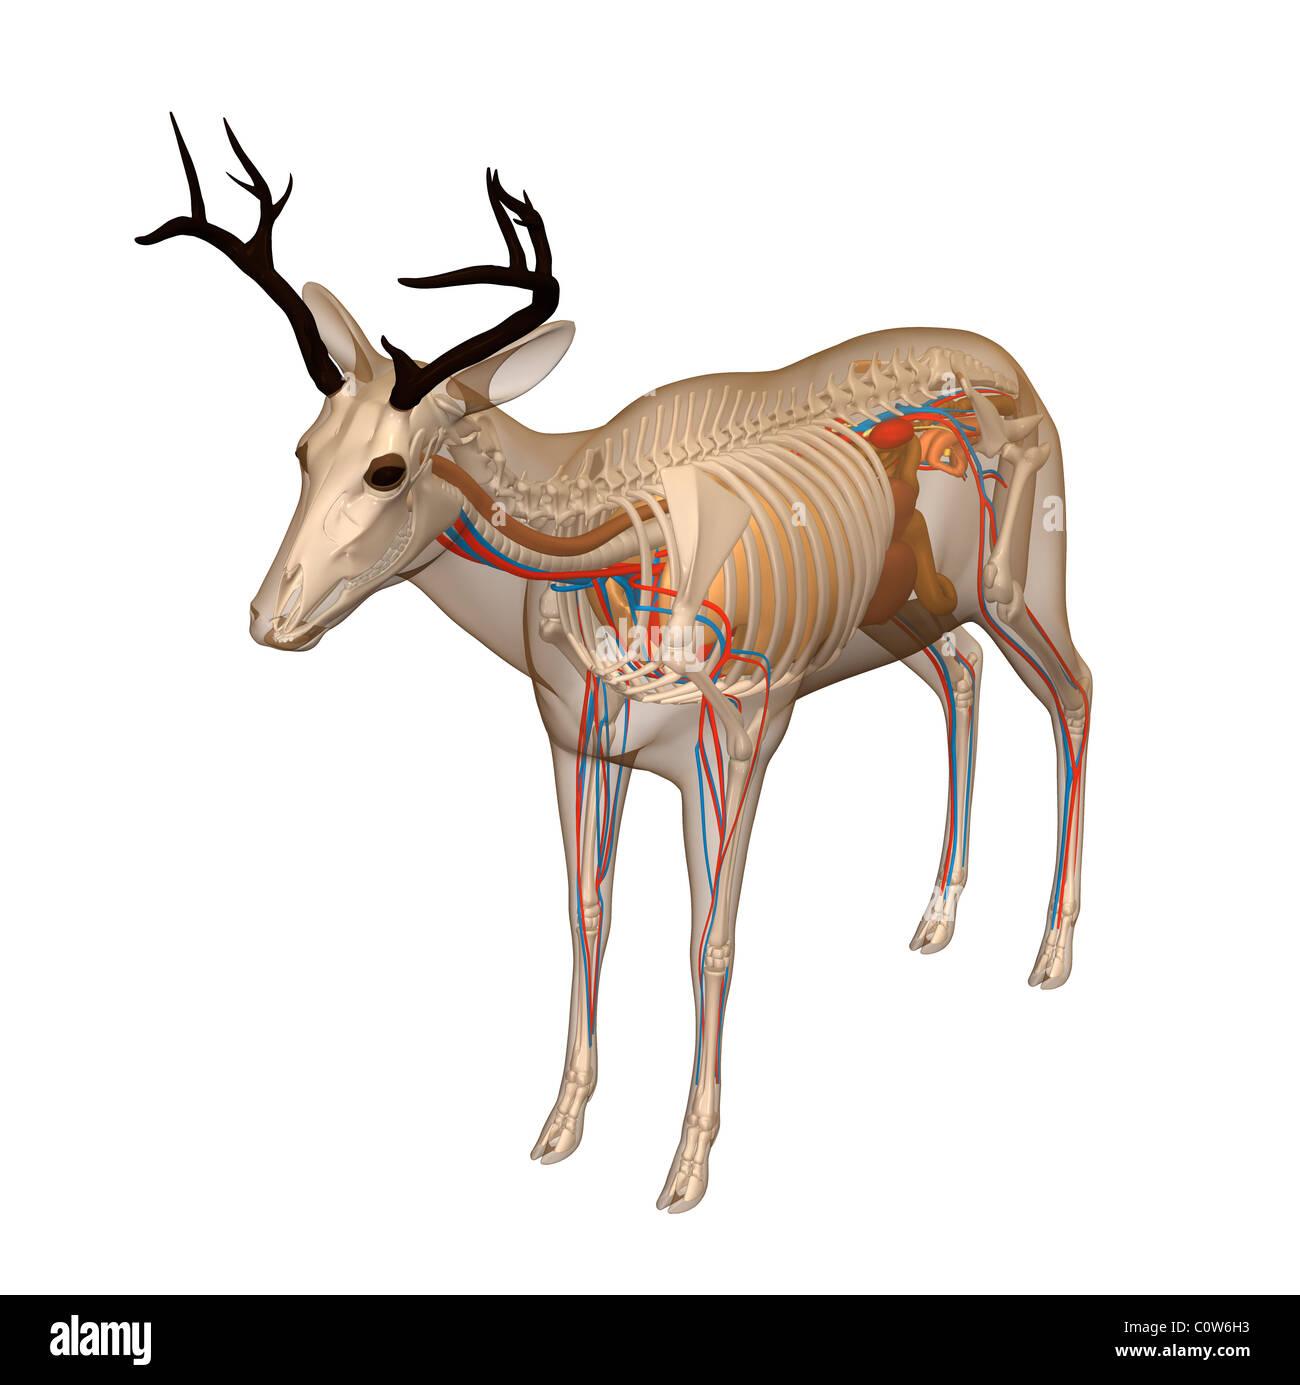 Hirsch-Anatomie Stockfoto, Bild: 34974719 - Alamy